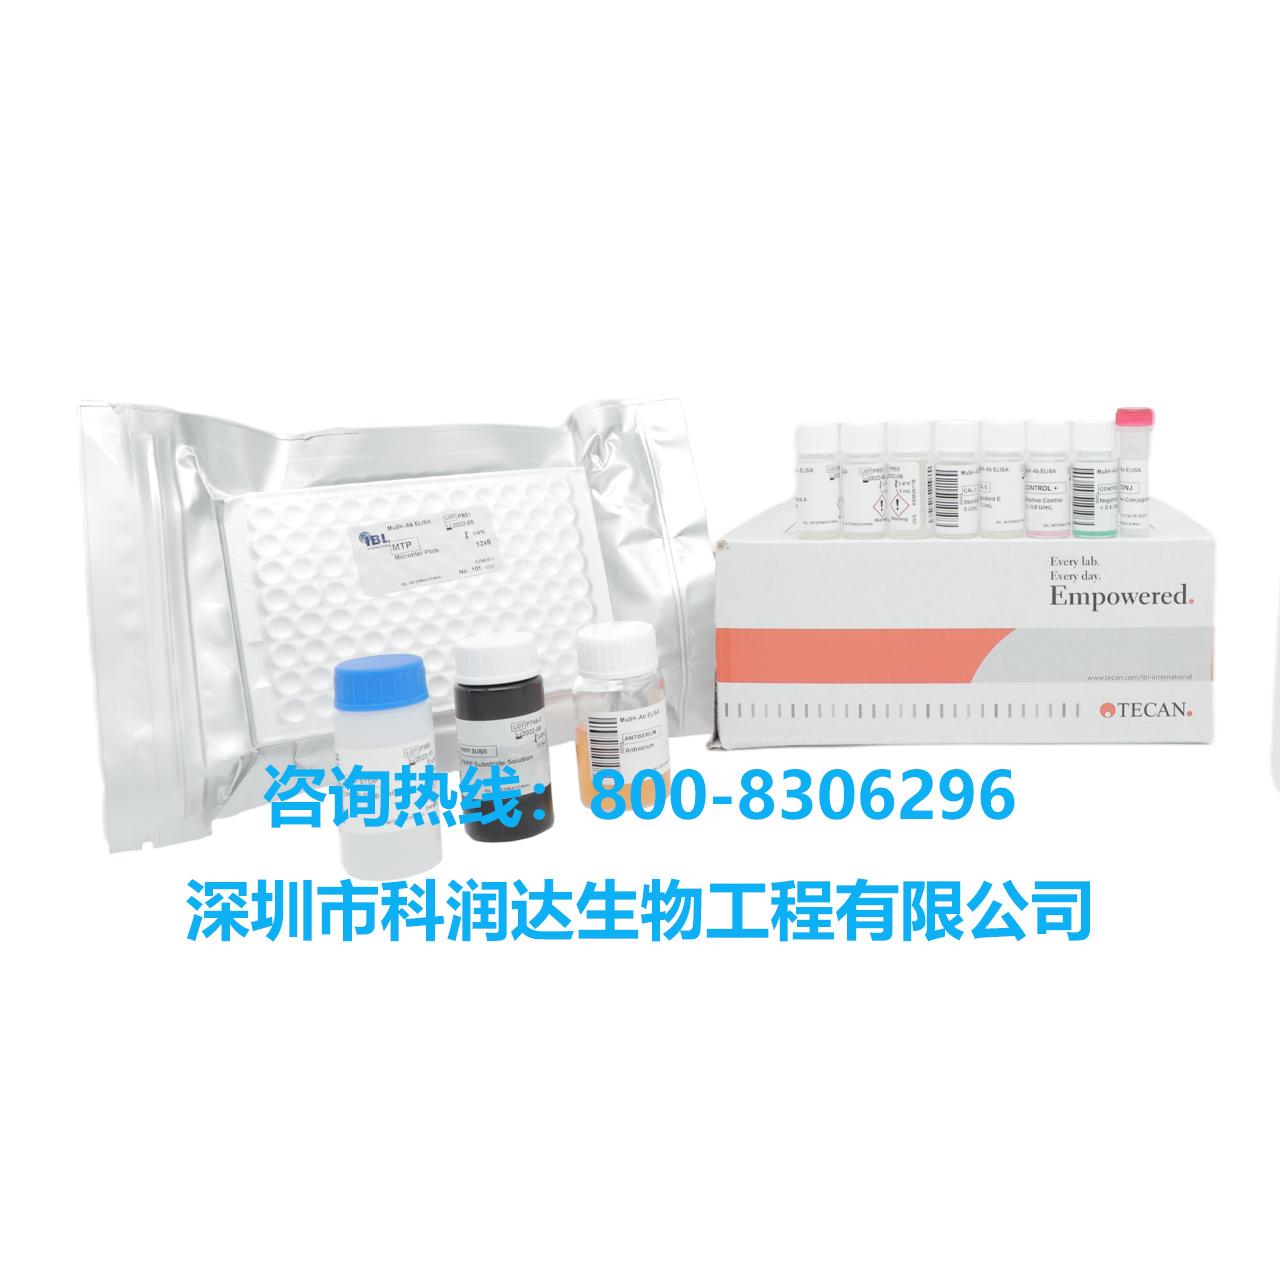 5-羟基吲哚乙酸试剂盒,科润达生物,帝肯生物